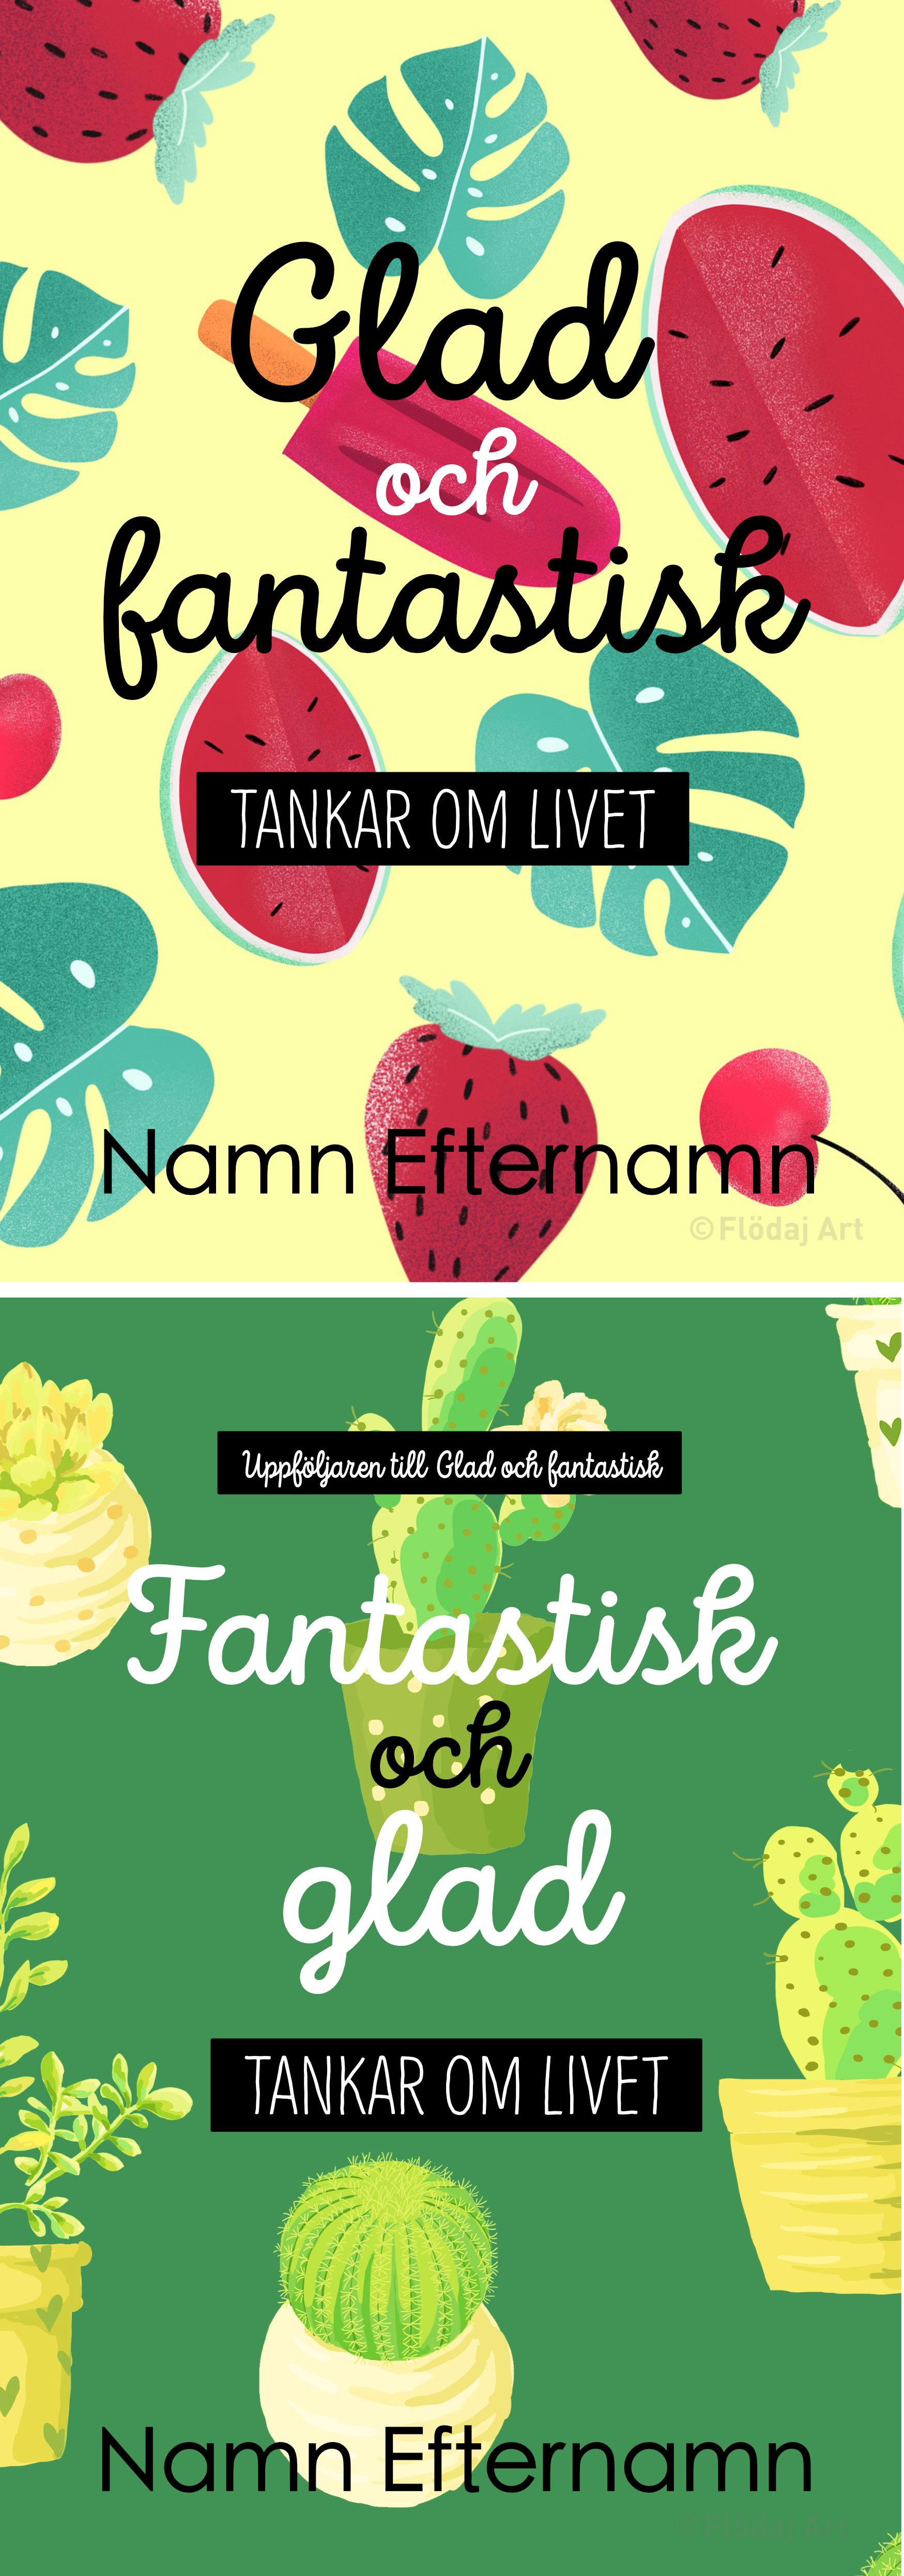 """Bild på två bokomslag i glada men lugna färger, den ena harkaktusar mot grön bakgrund, den andra har frukt och glass, och över båda står även """"tankar för livet"""""""